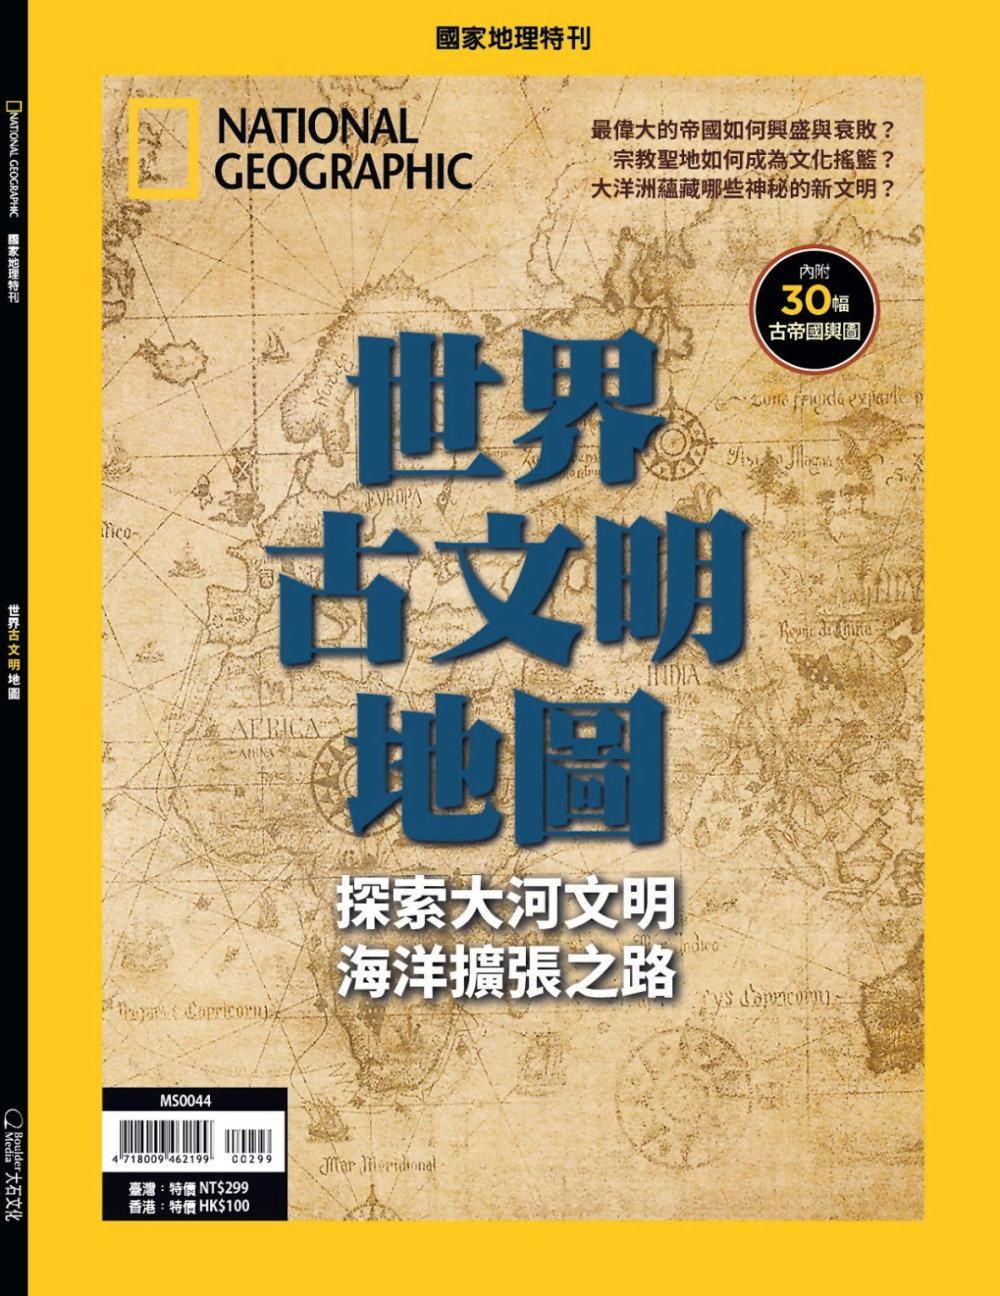 國家地理雜誌中文版 :世界古文明地圖